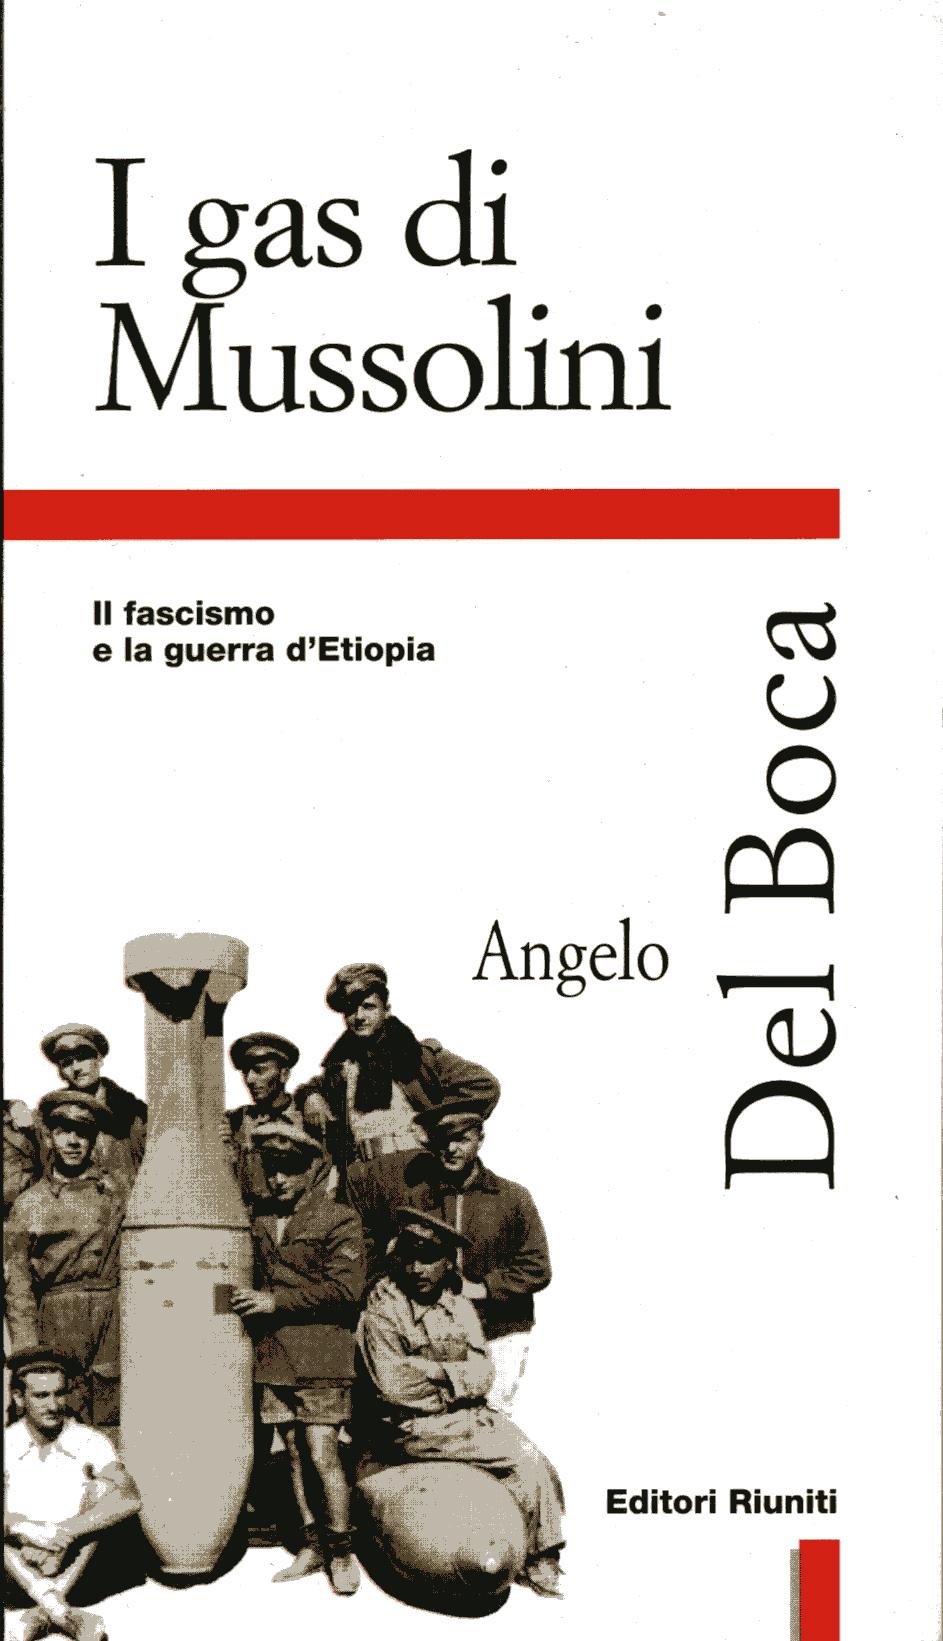 I gas di Mussolini